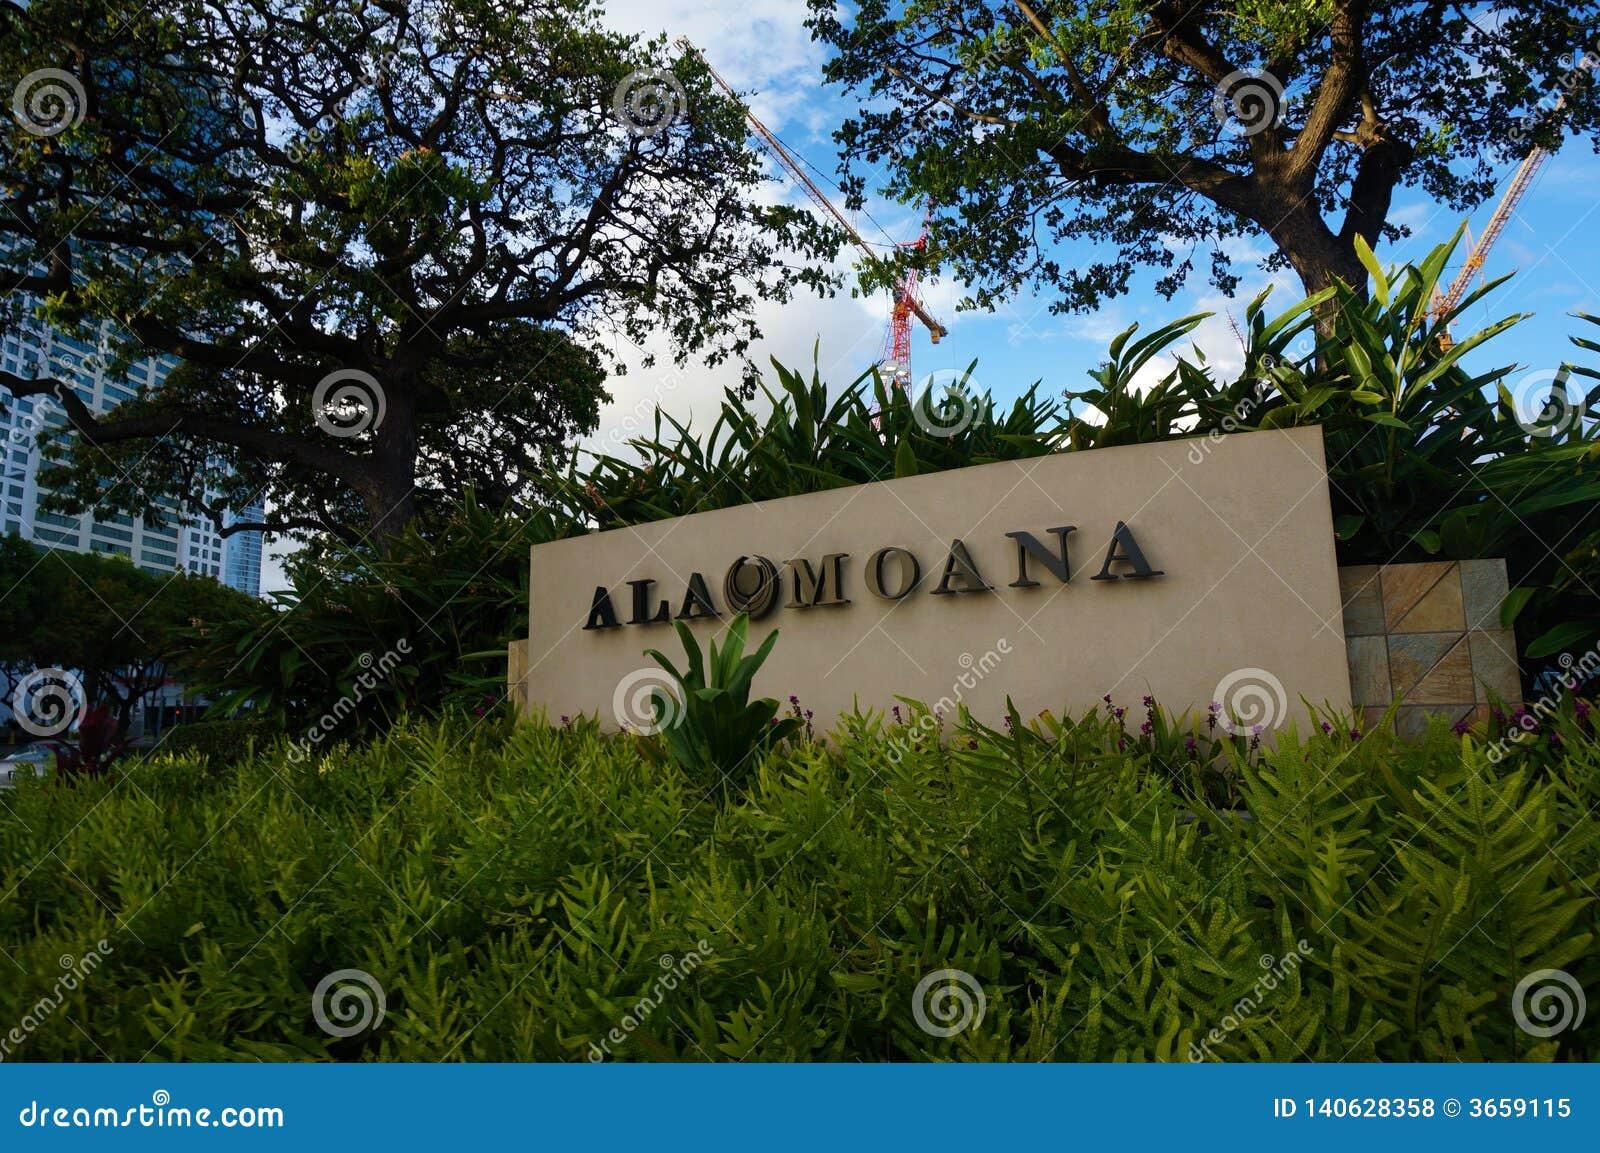 Teken met de naam van de wandelgalerij 'Ala Moana 'in het gras onder blauwe hemel en bomen in het eiland Oahu van Hawaï